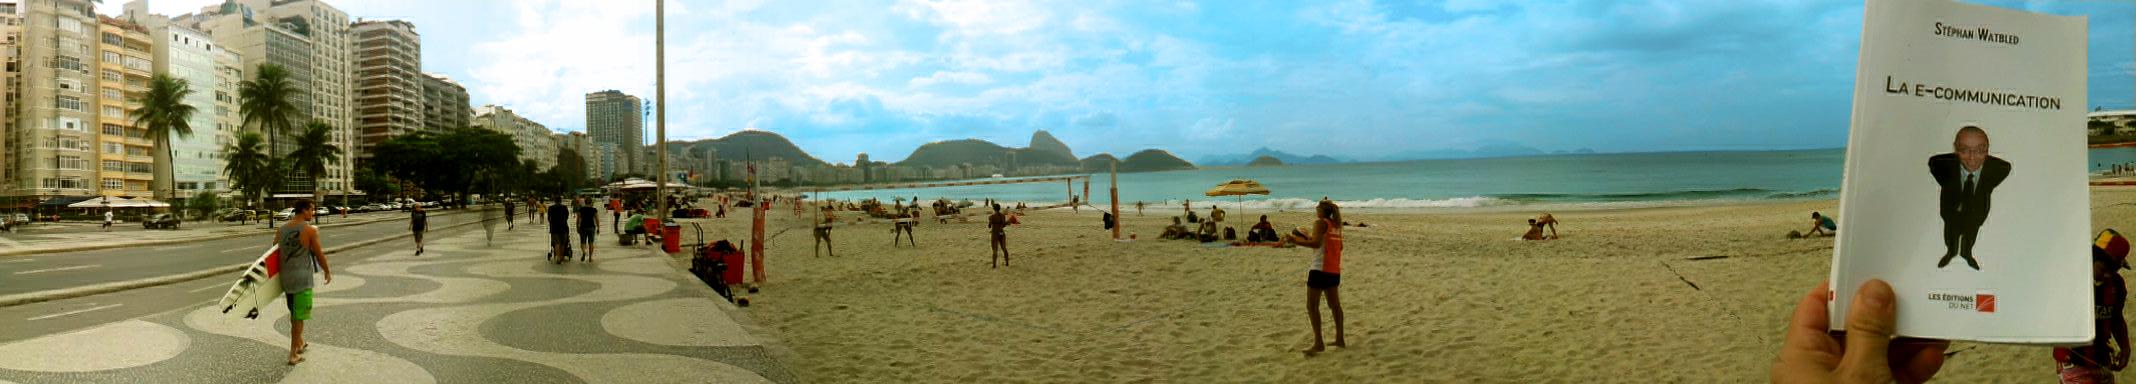 rio-02-plage-de-copacabana